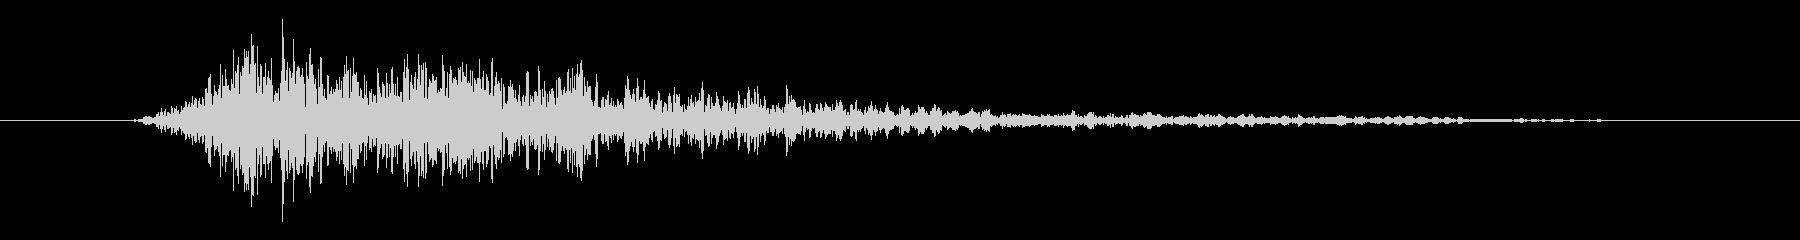 クラーケン グロールショート01の未再生の波形